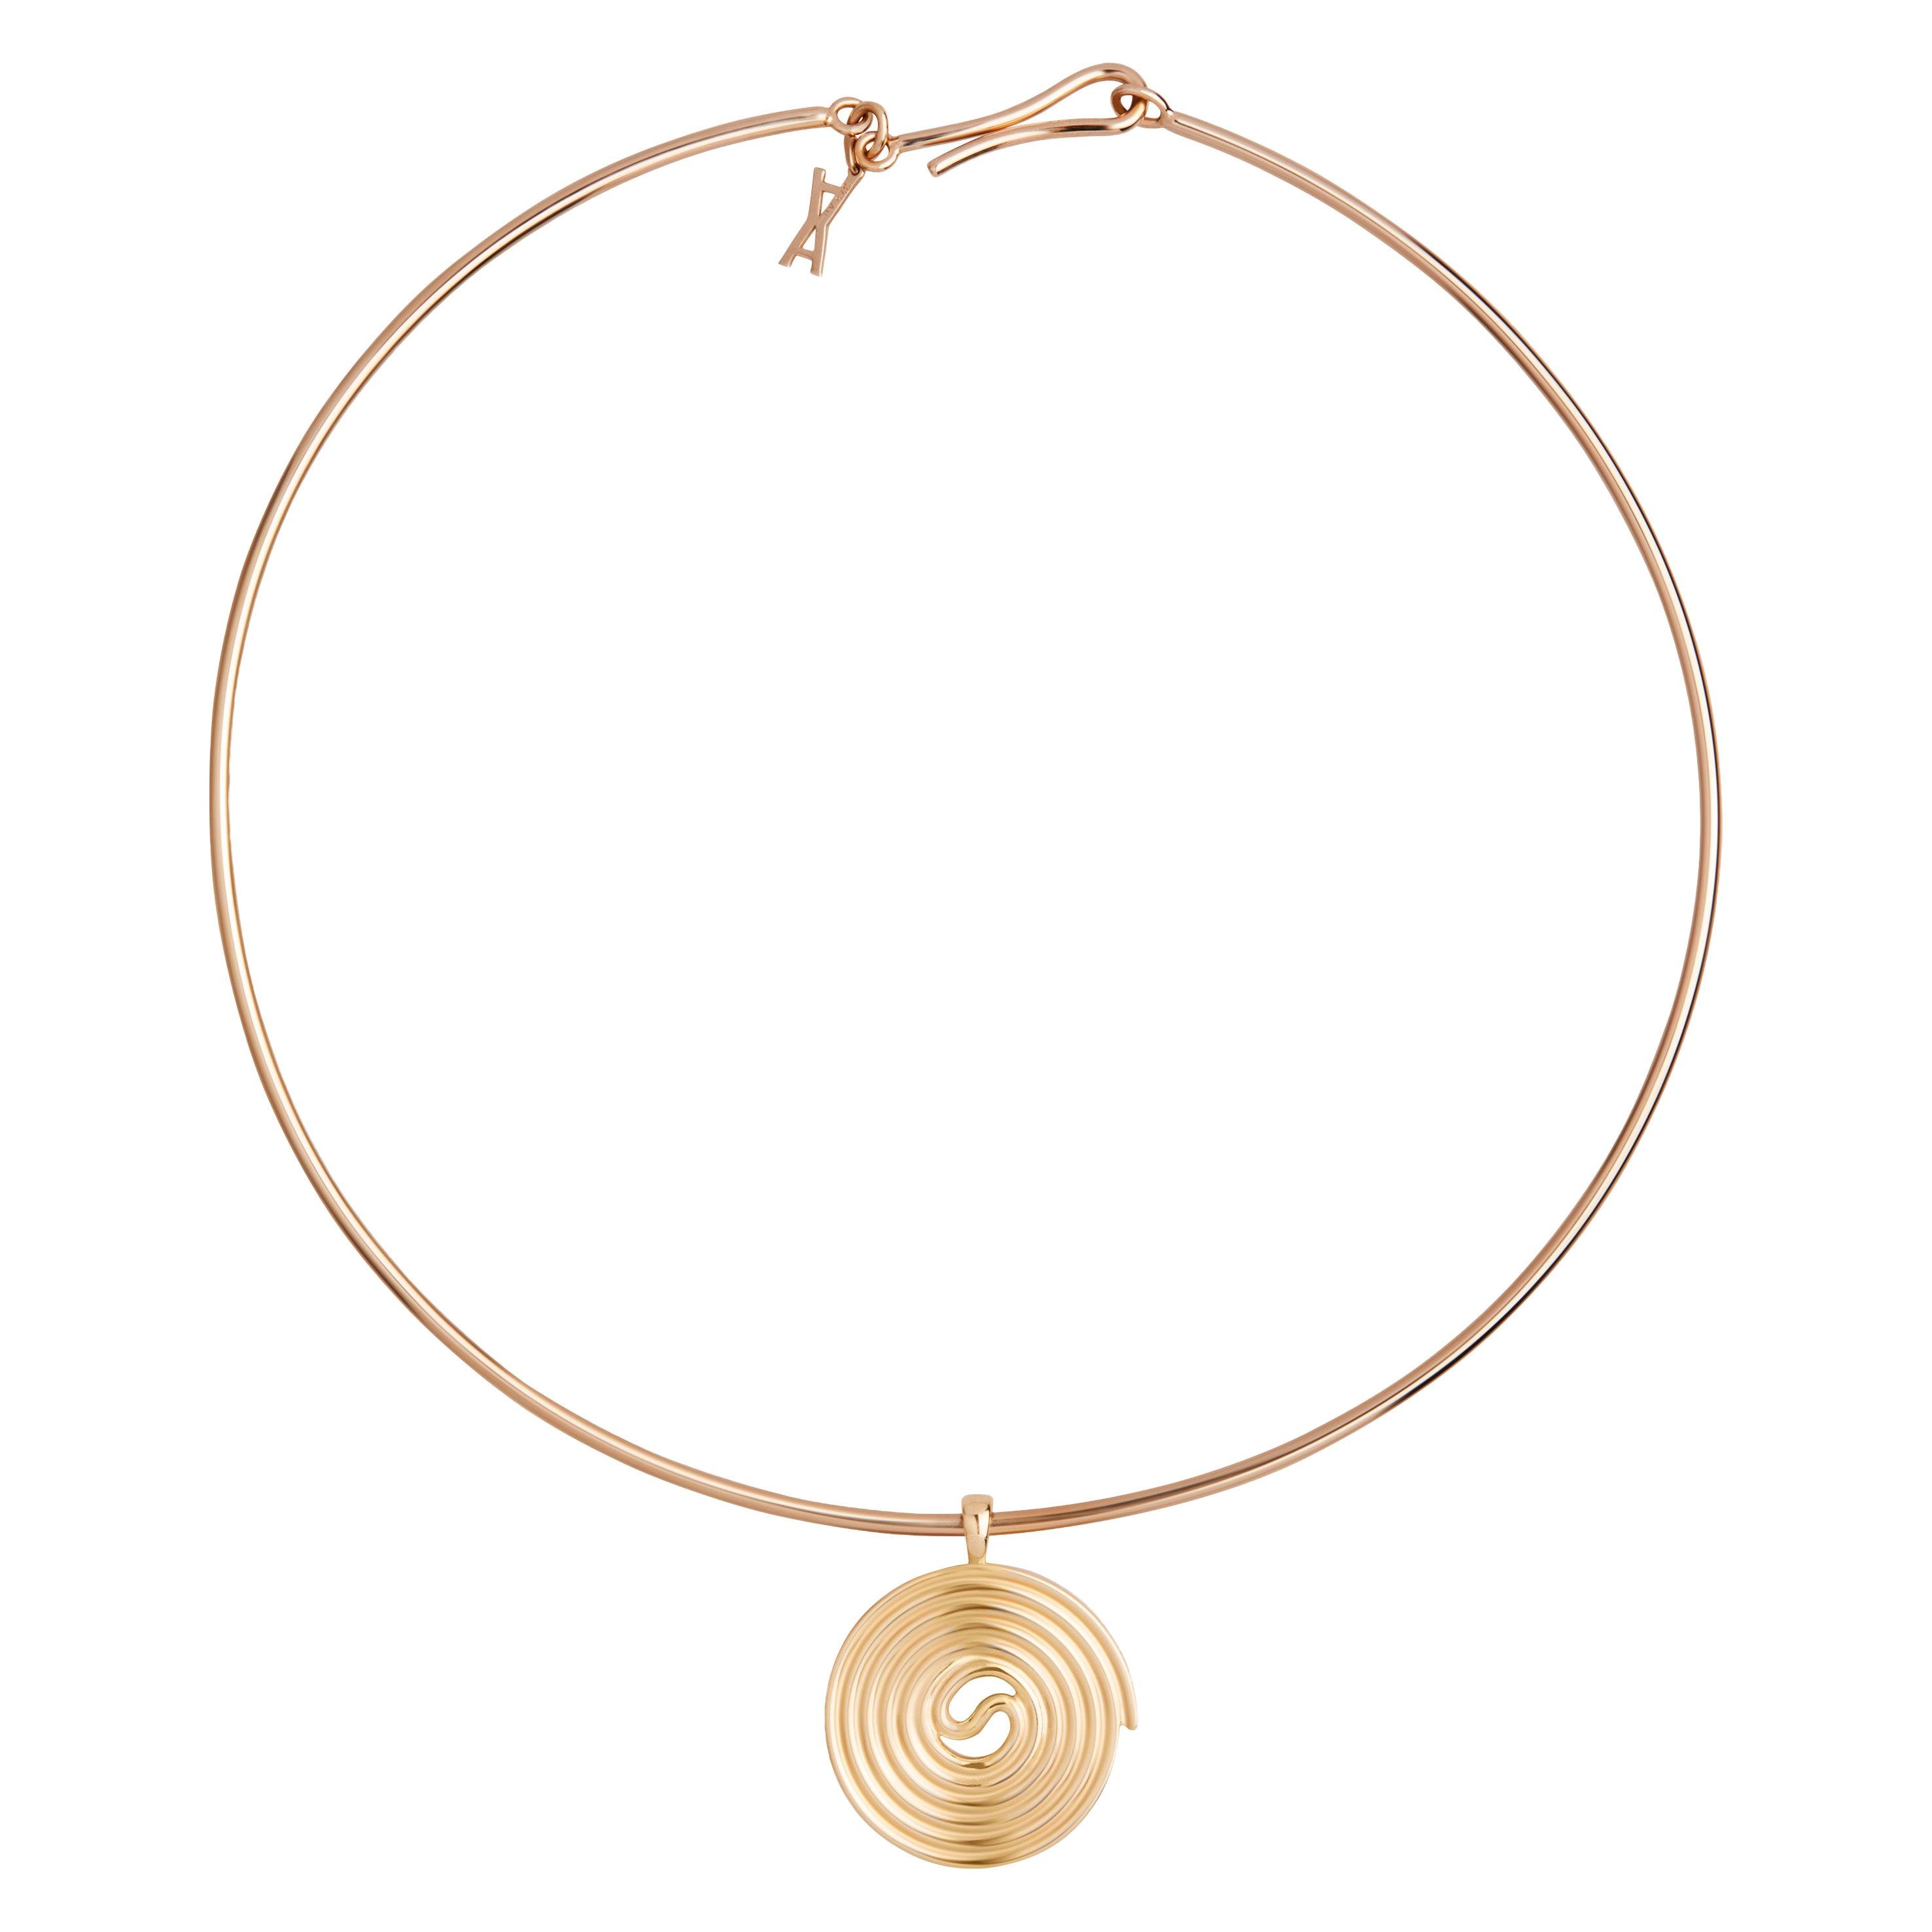 Licorice Choker, 9 Karat Yellow Gold Choker Pendant Necklace